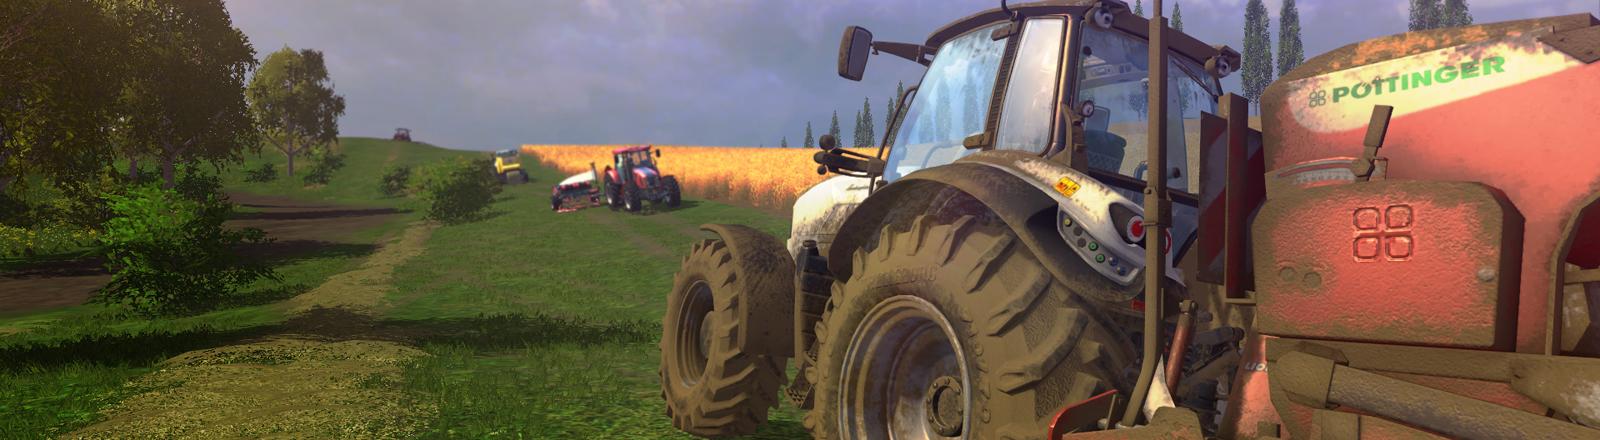 Ein Bild aus dem Landwirtschaftssimulator: Trecker auf dem Feld.